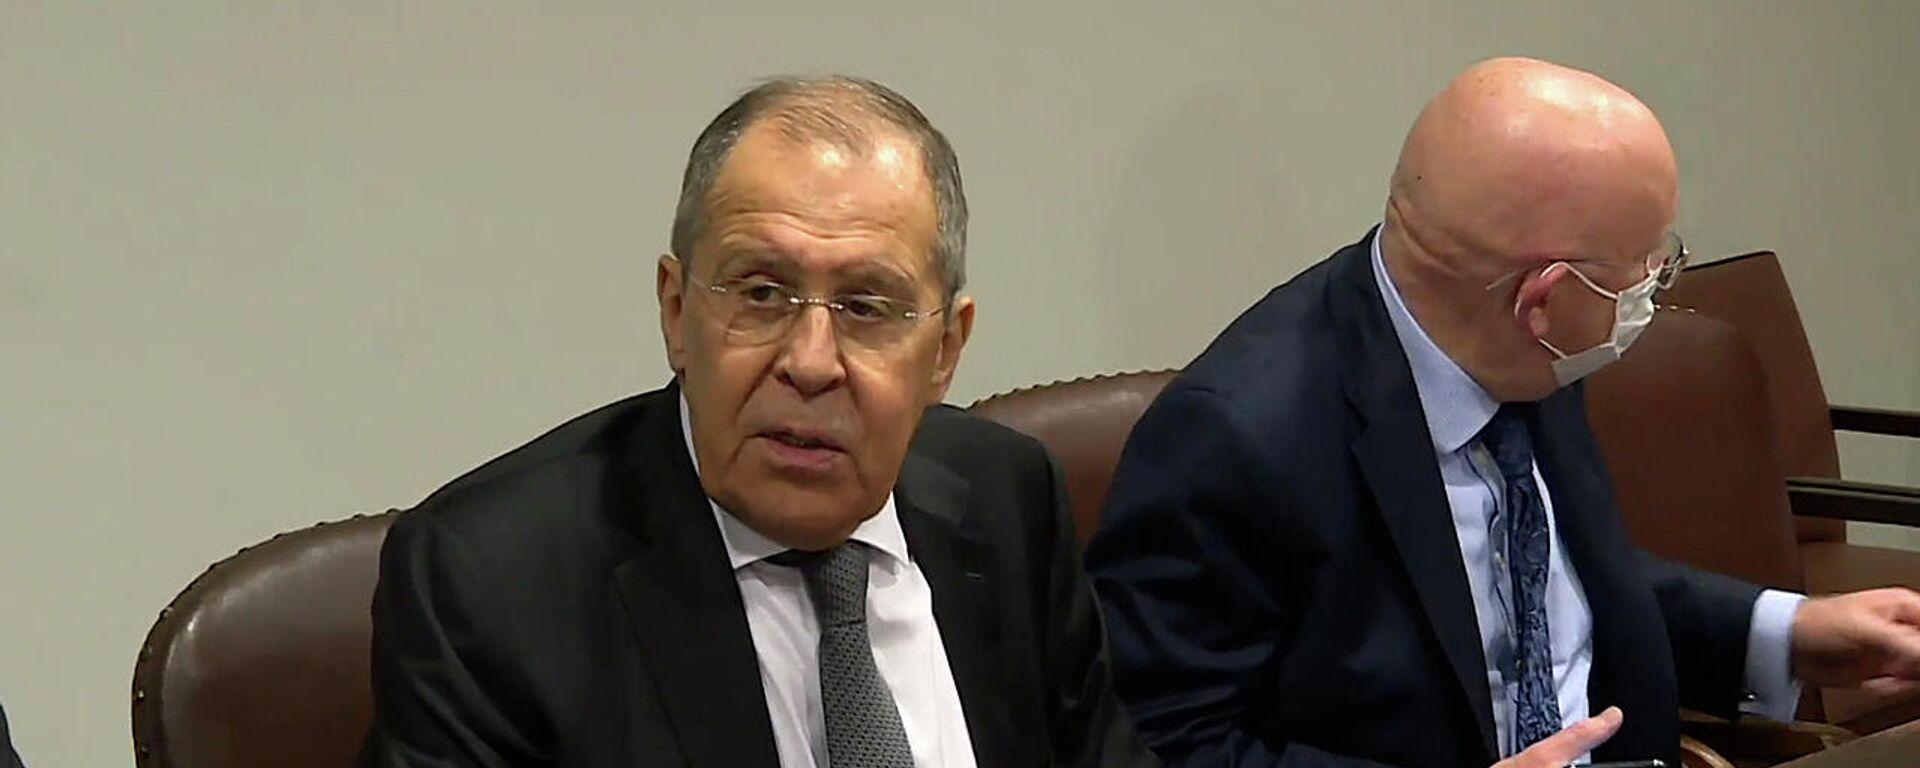 Лавров на встрече со Столтенбергом: Россия не будет вступать в НАТО - Sputnik Грузия, 1920, 25.09.2021